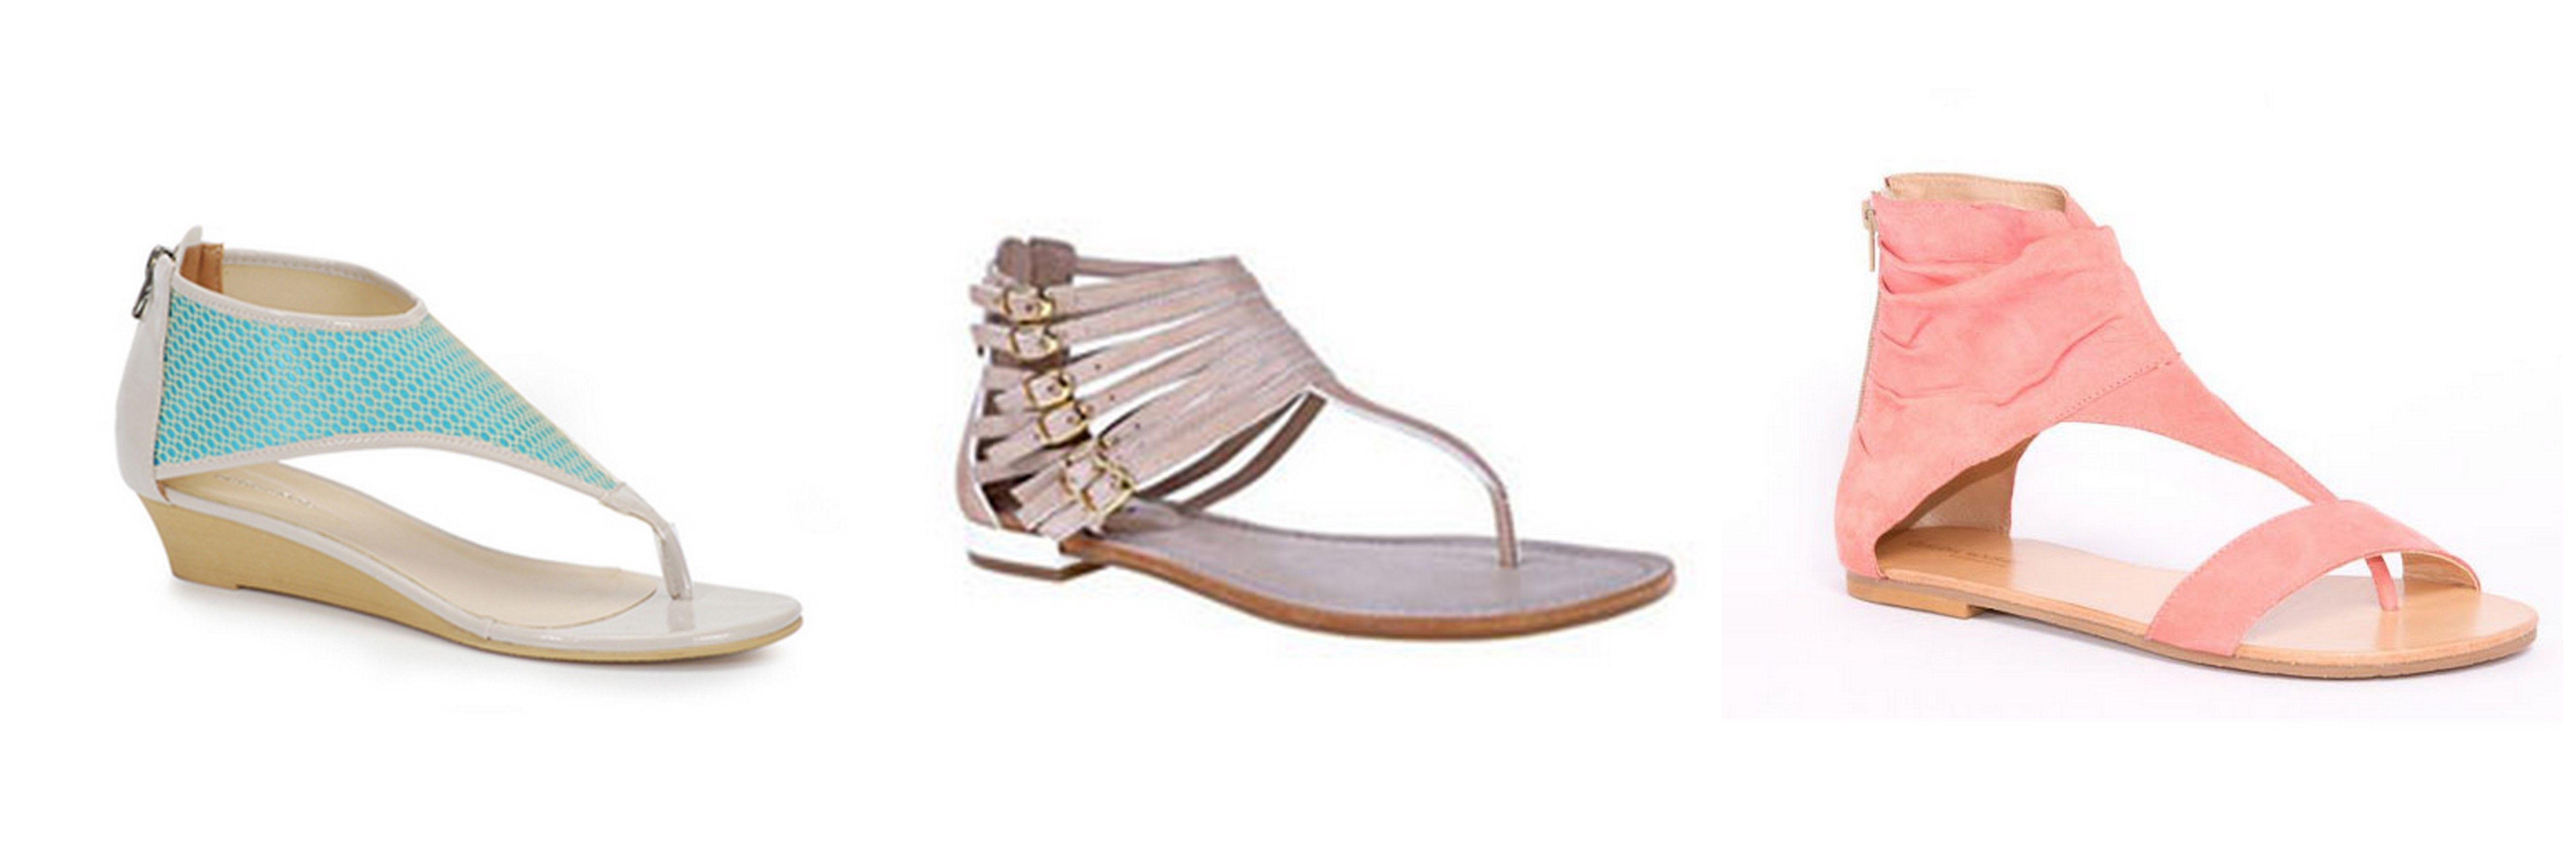 rasteirinhas flat Tendência de sapatos e sandálias 2011